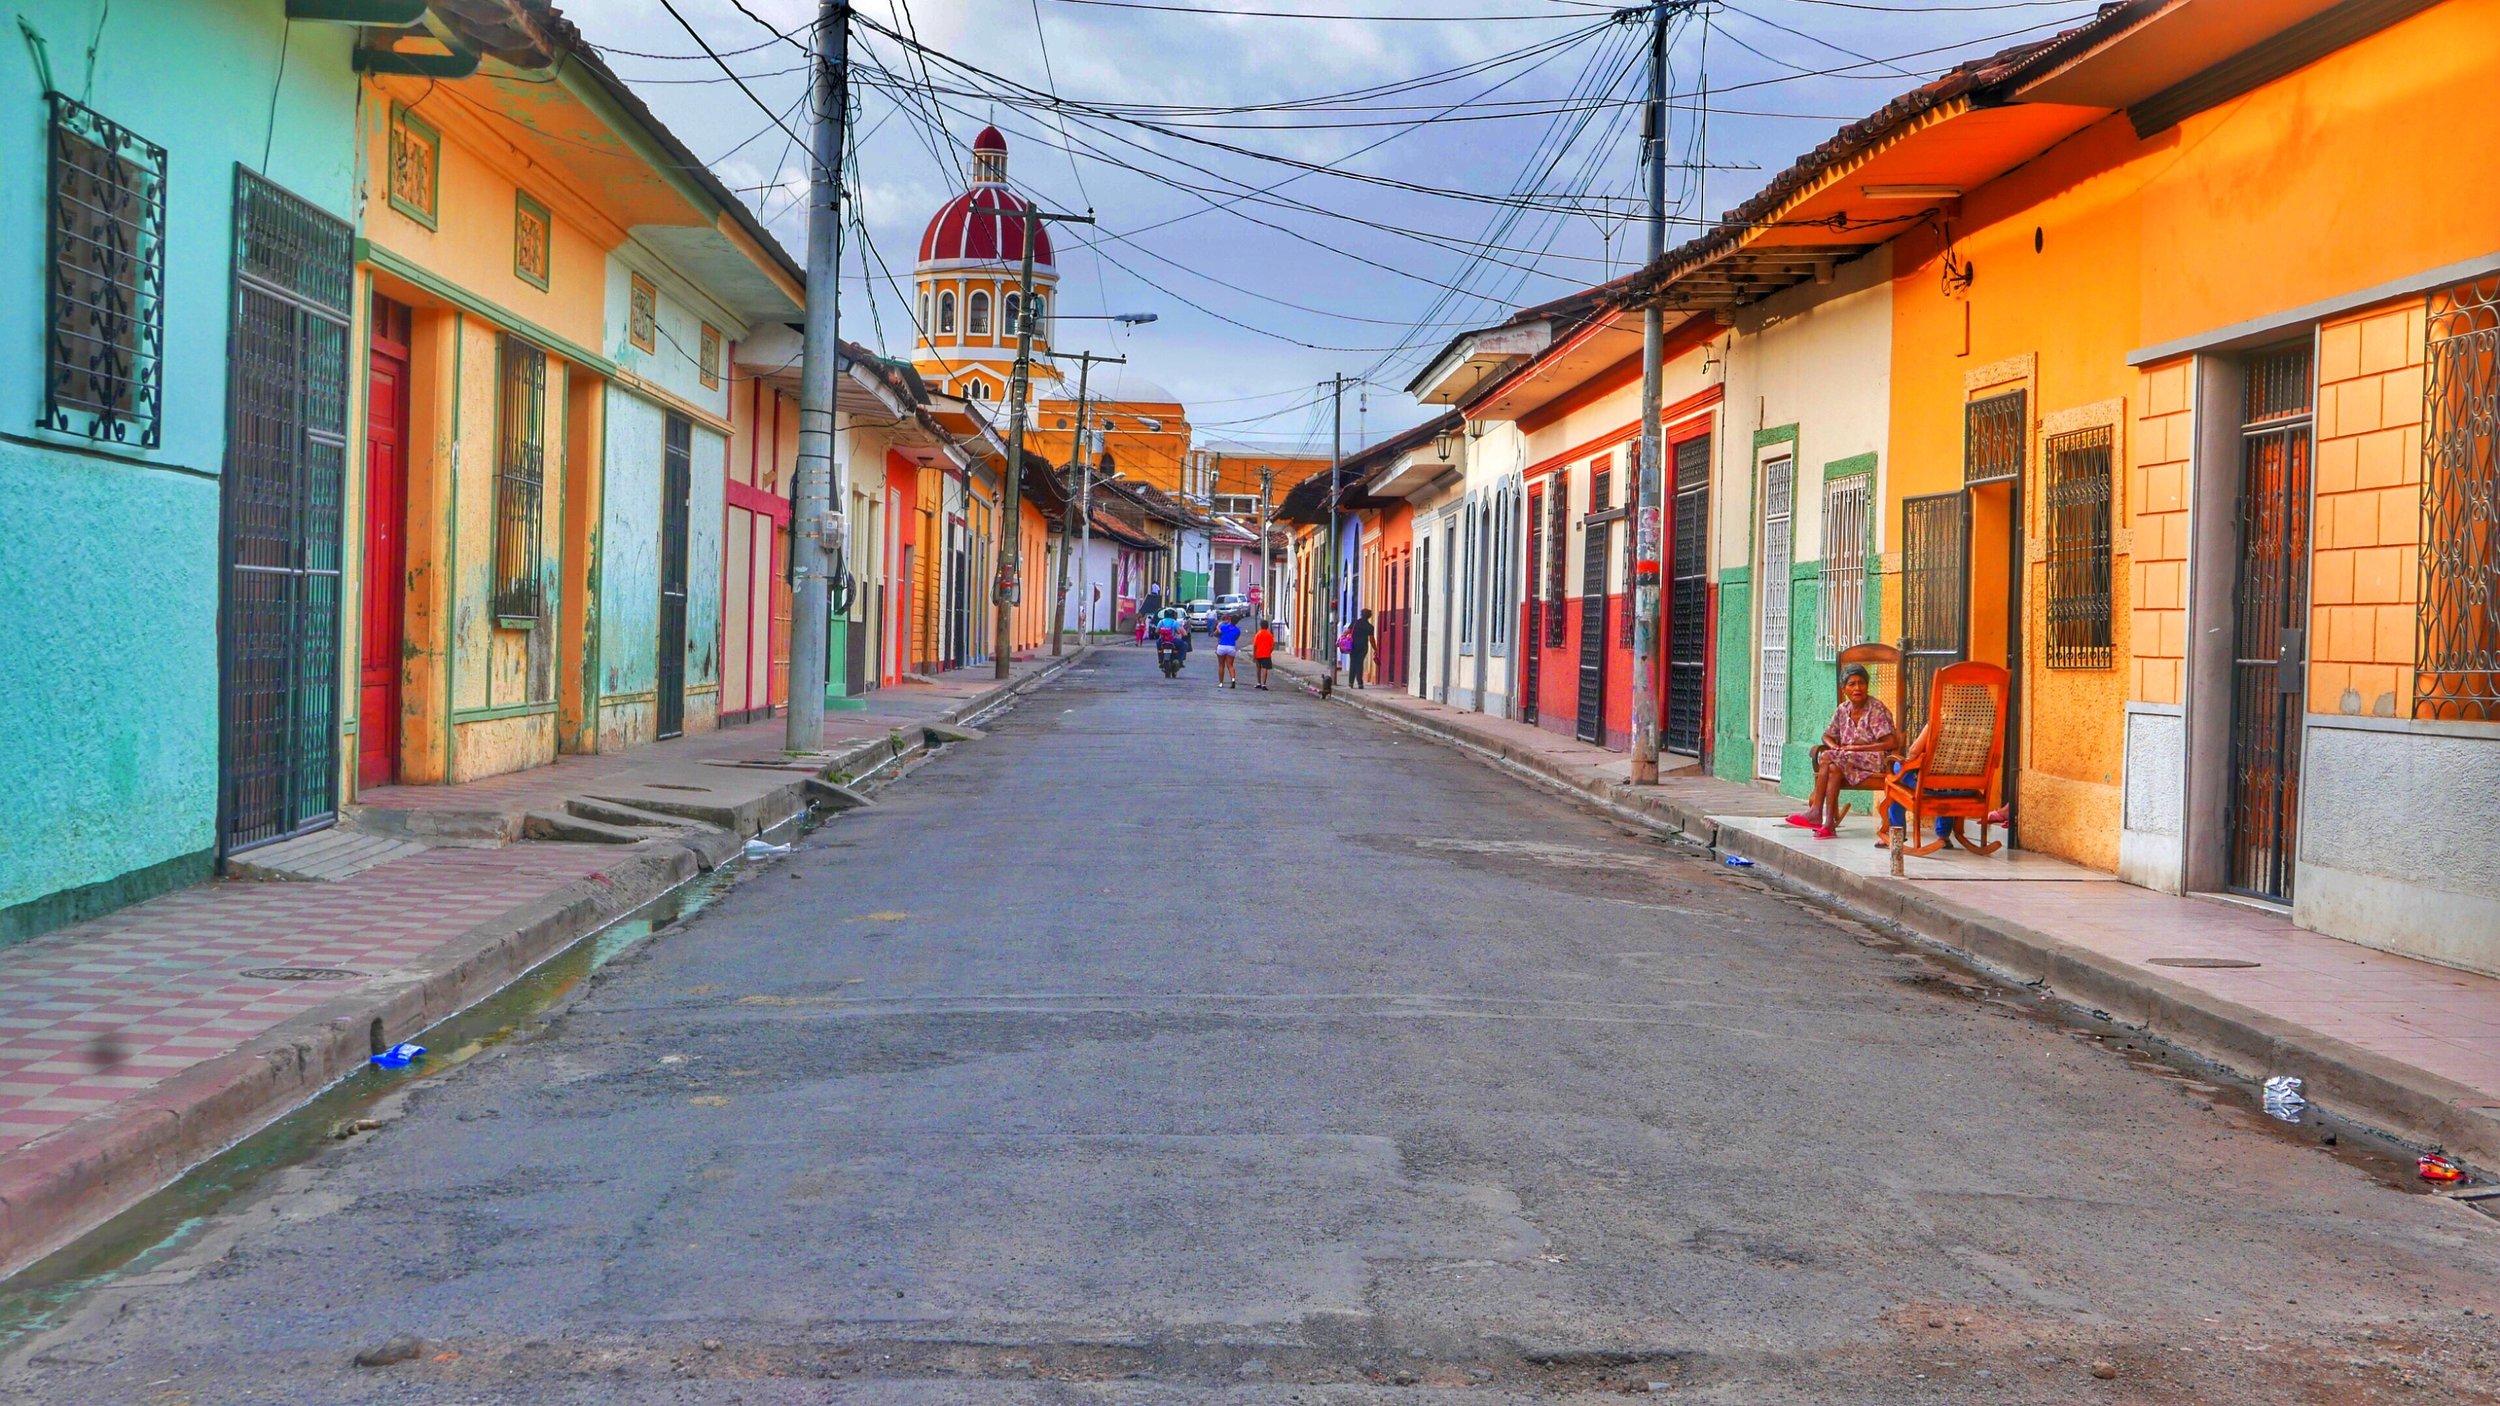 street-view-granada-nicaragua.jpg